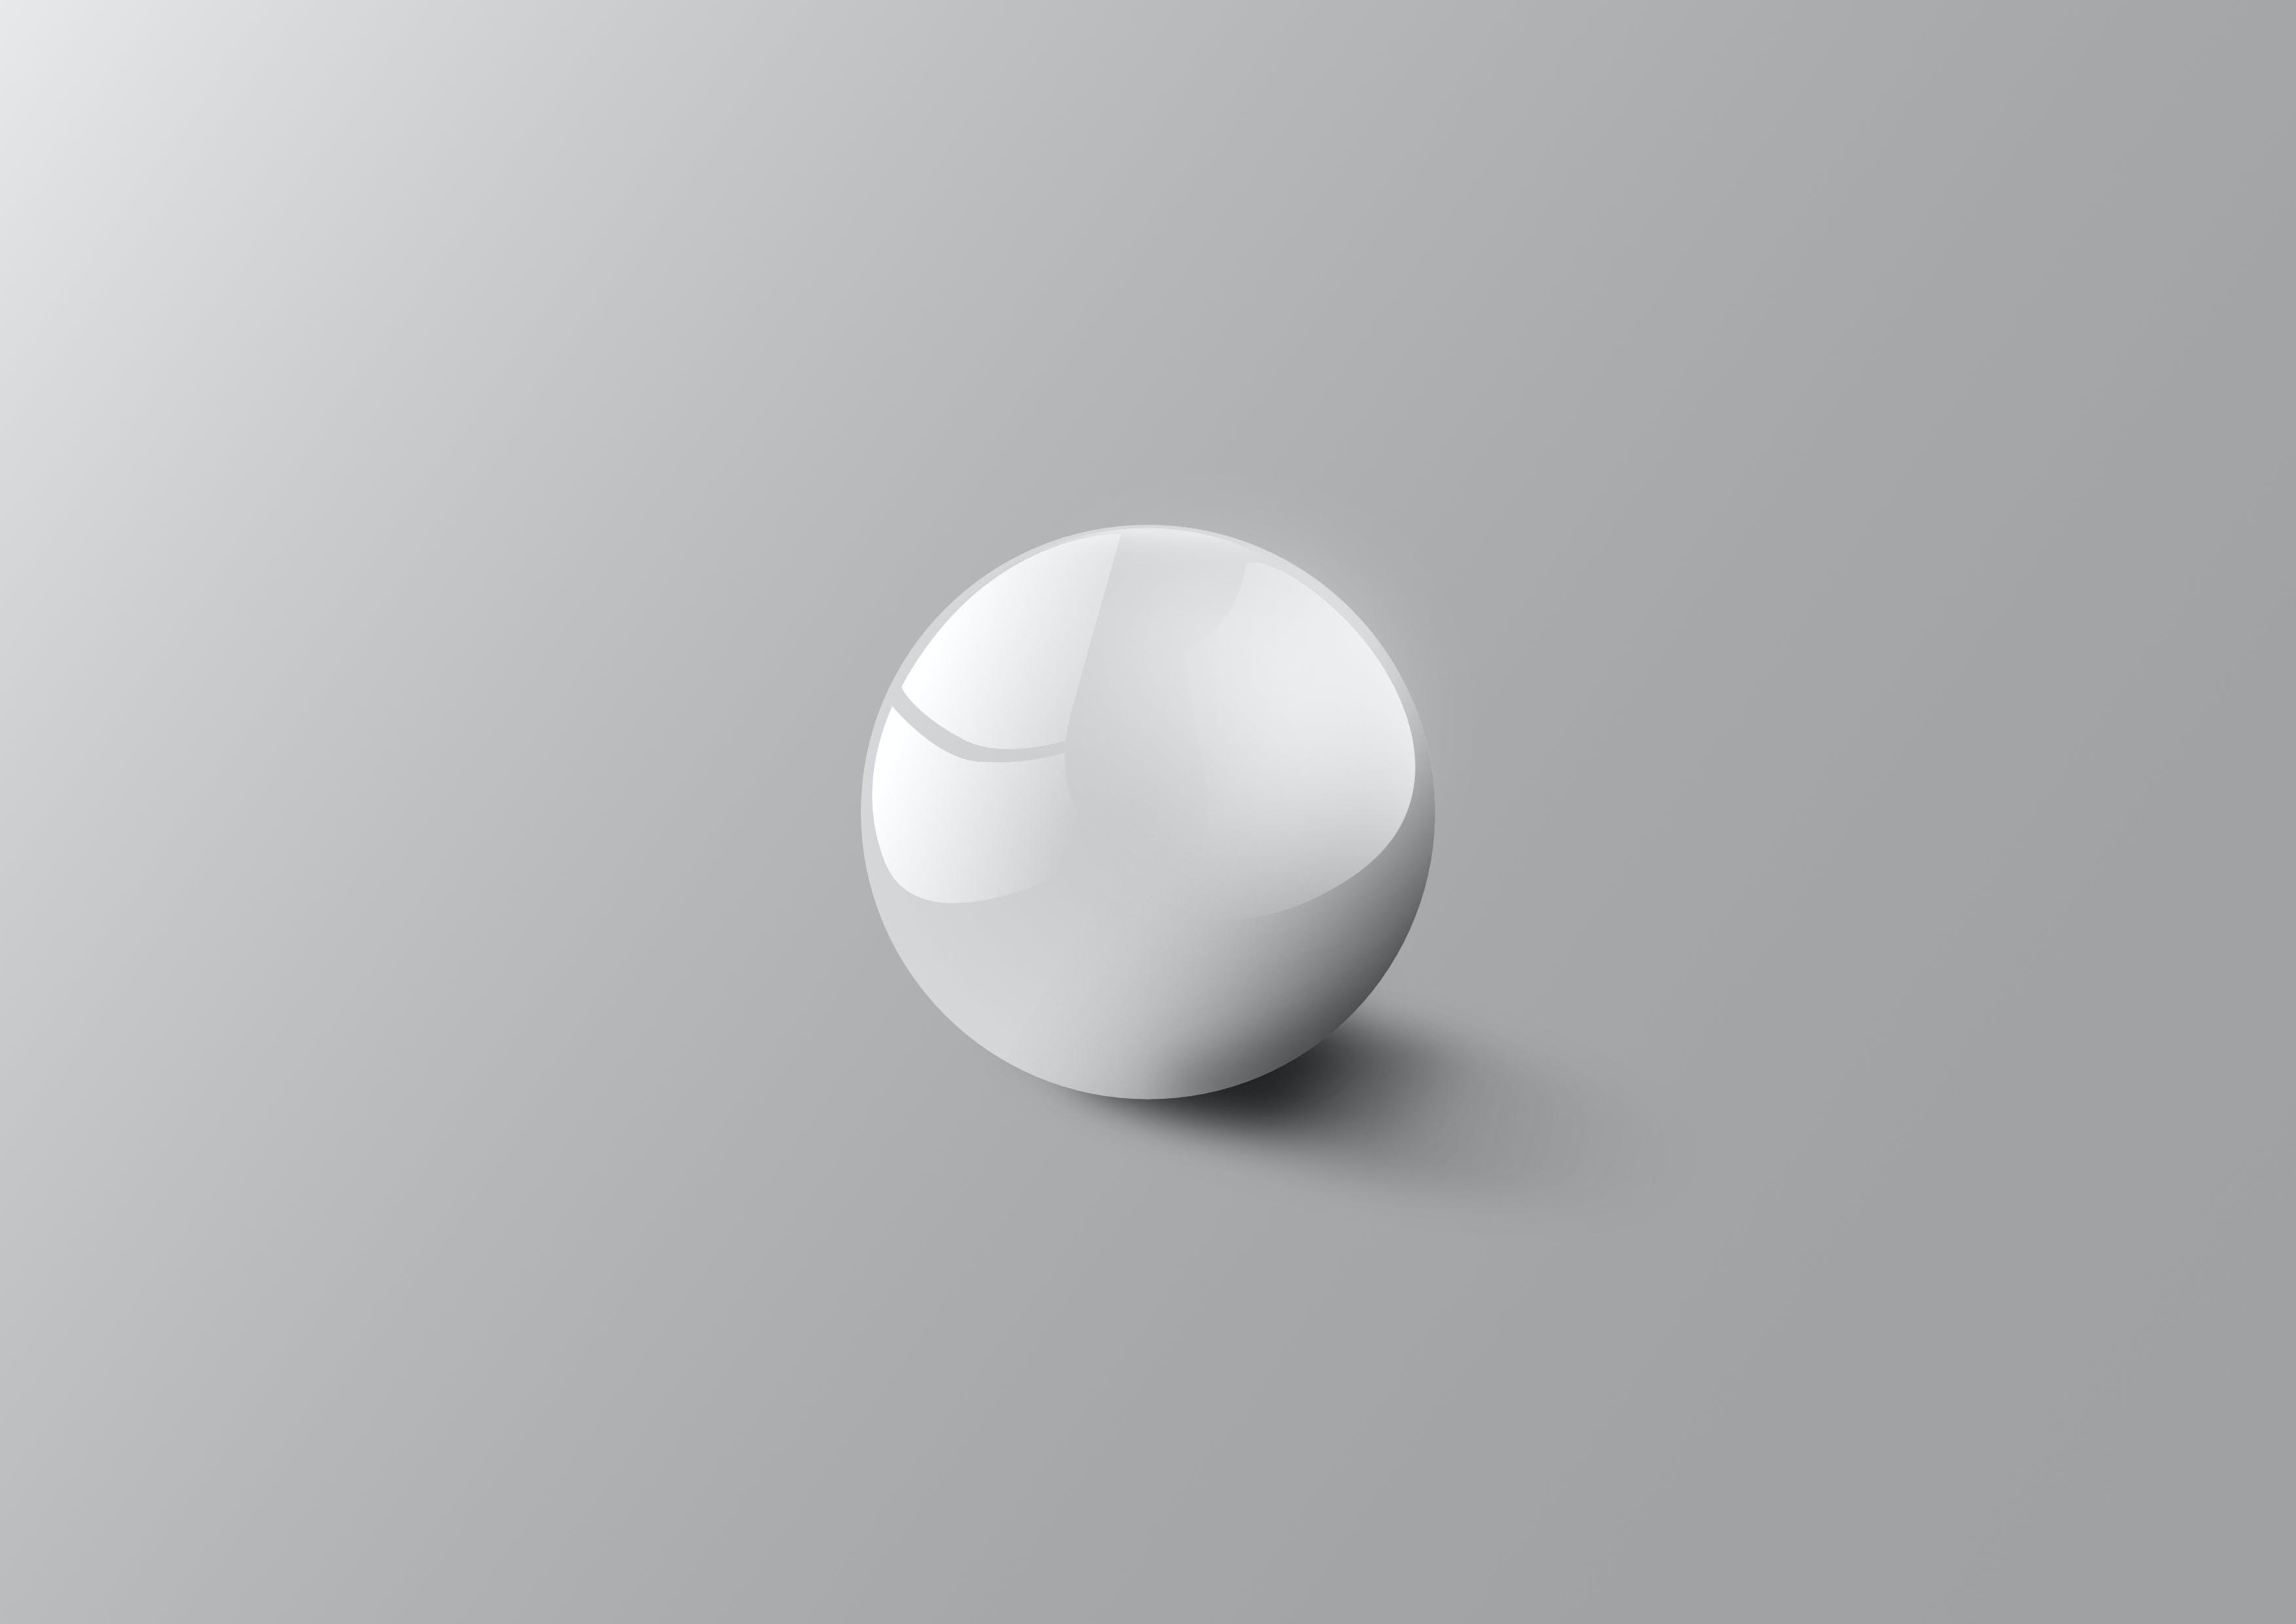 abbildung, ball, design